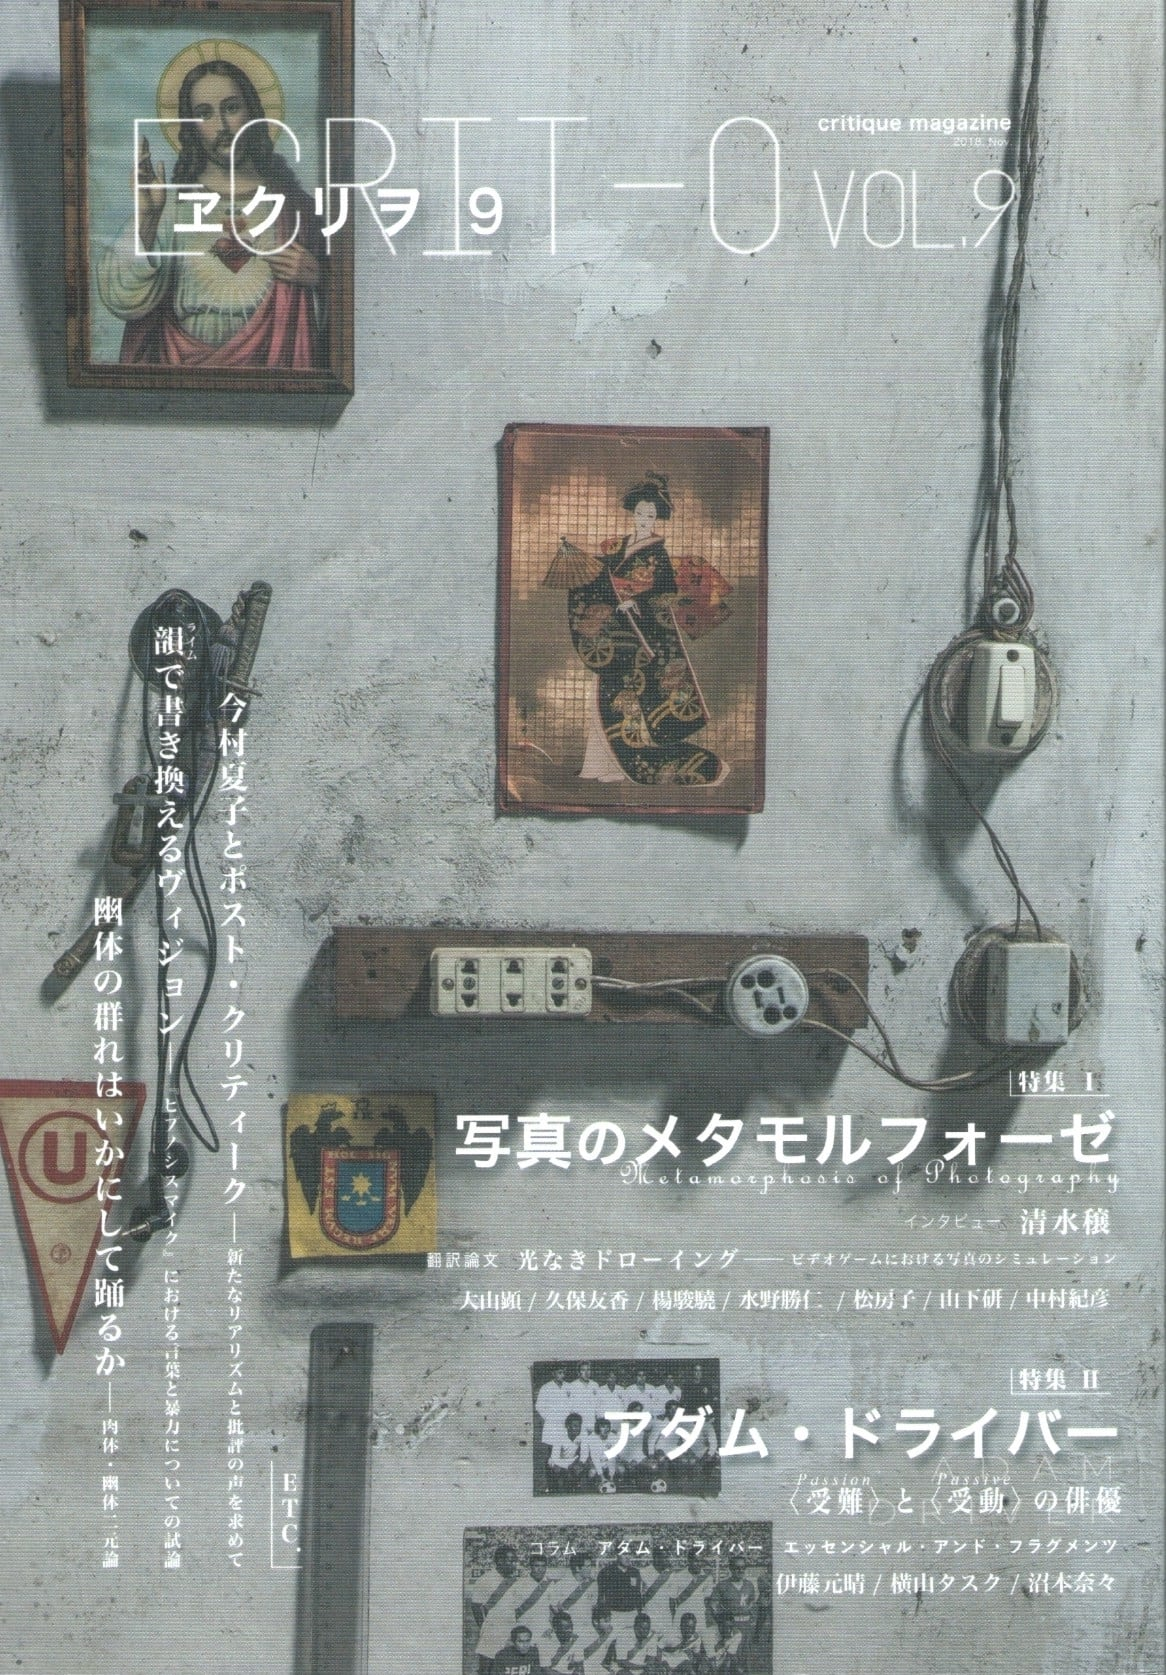 ヱクリヲ vol.9 写真のメタモルフォーゼ/アダム・ドライバー